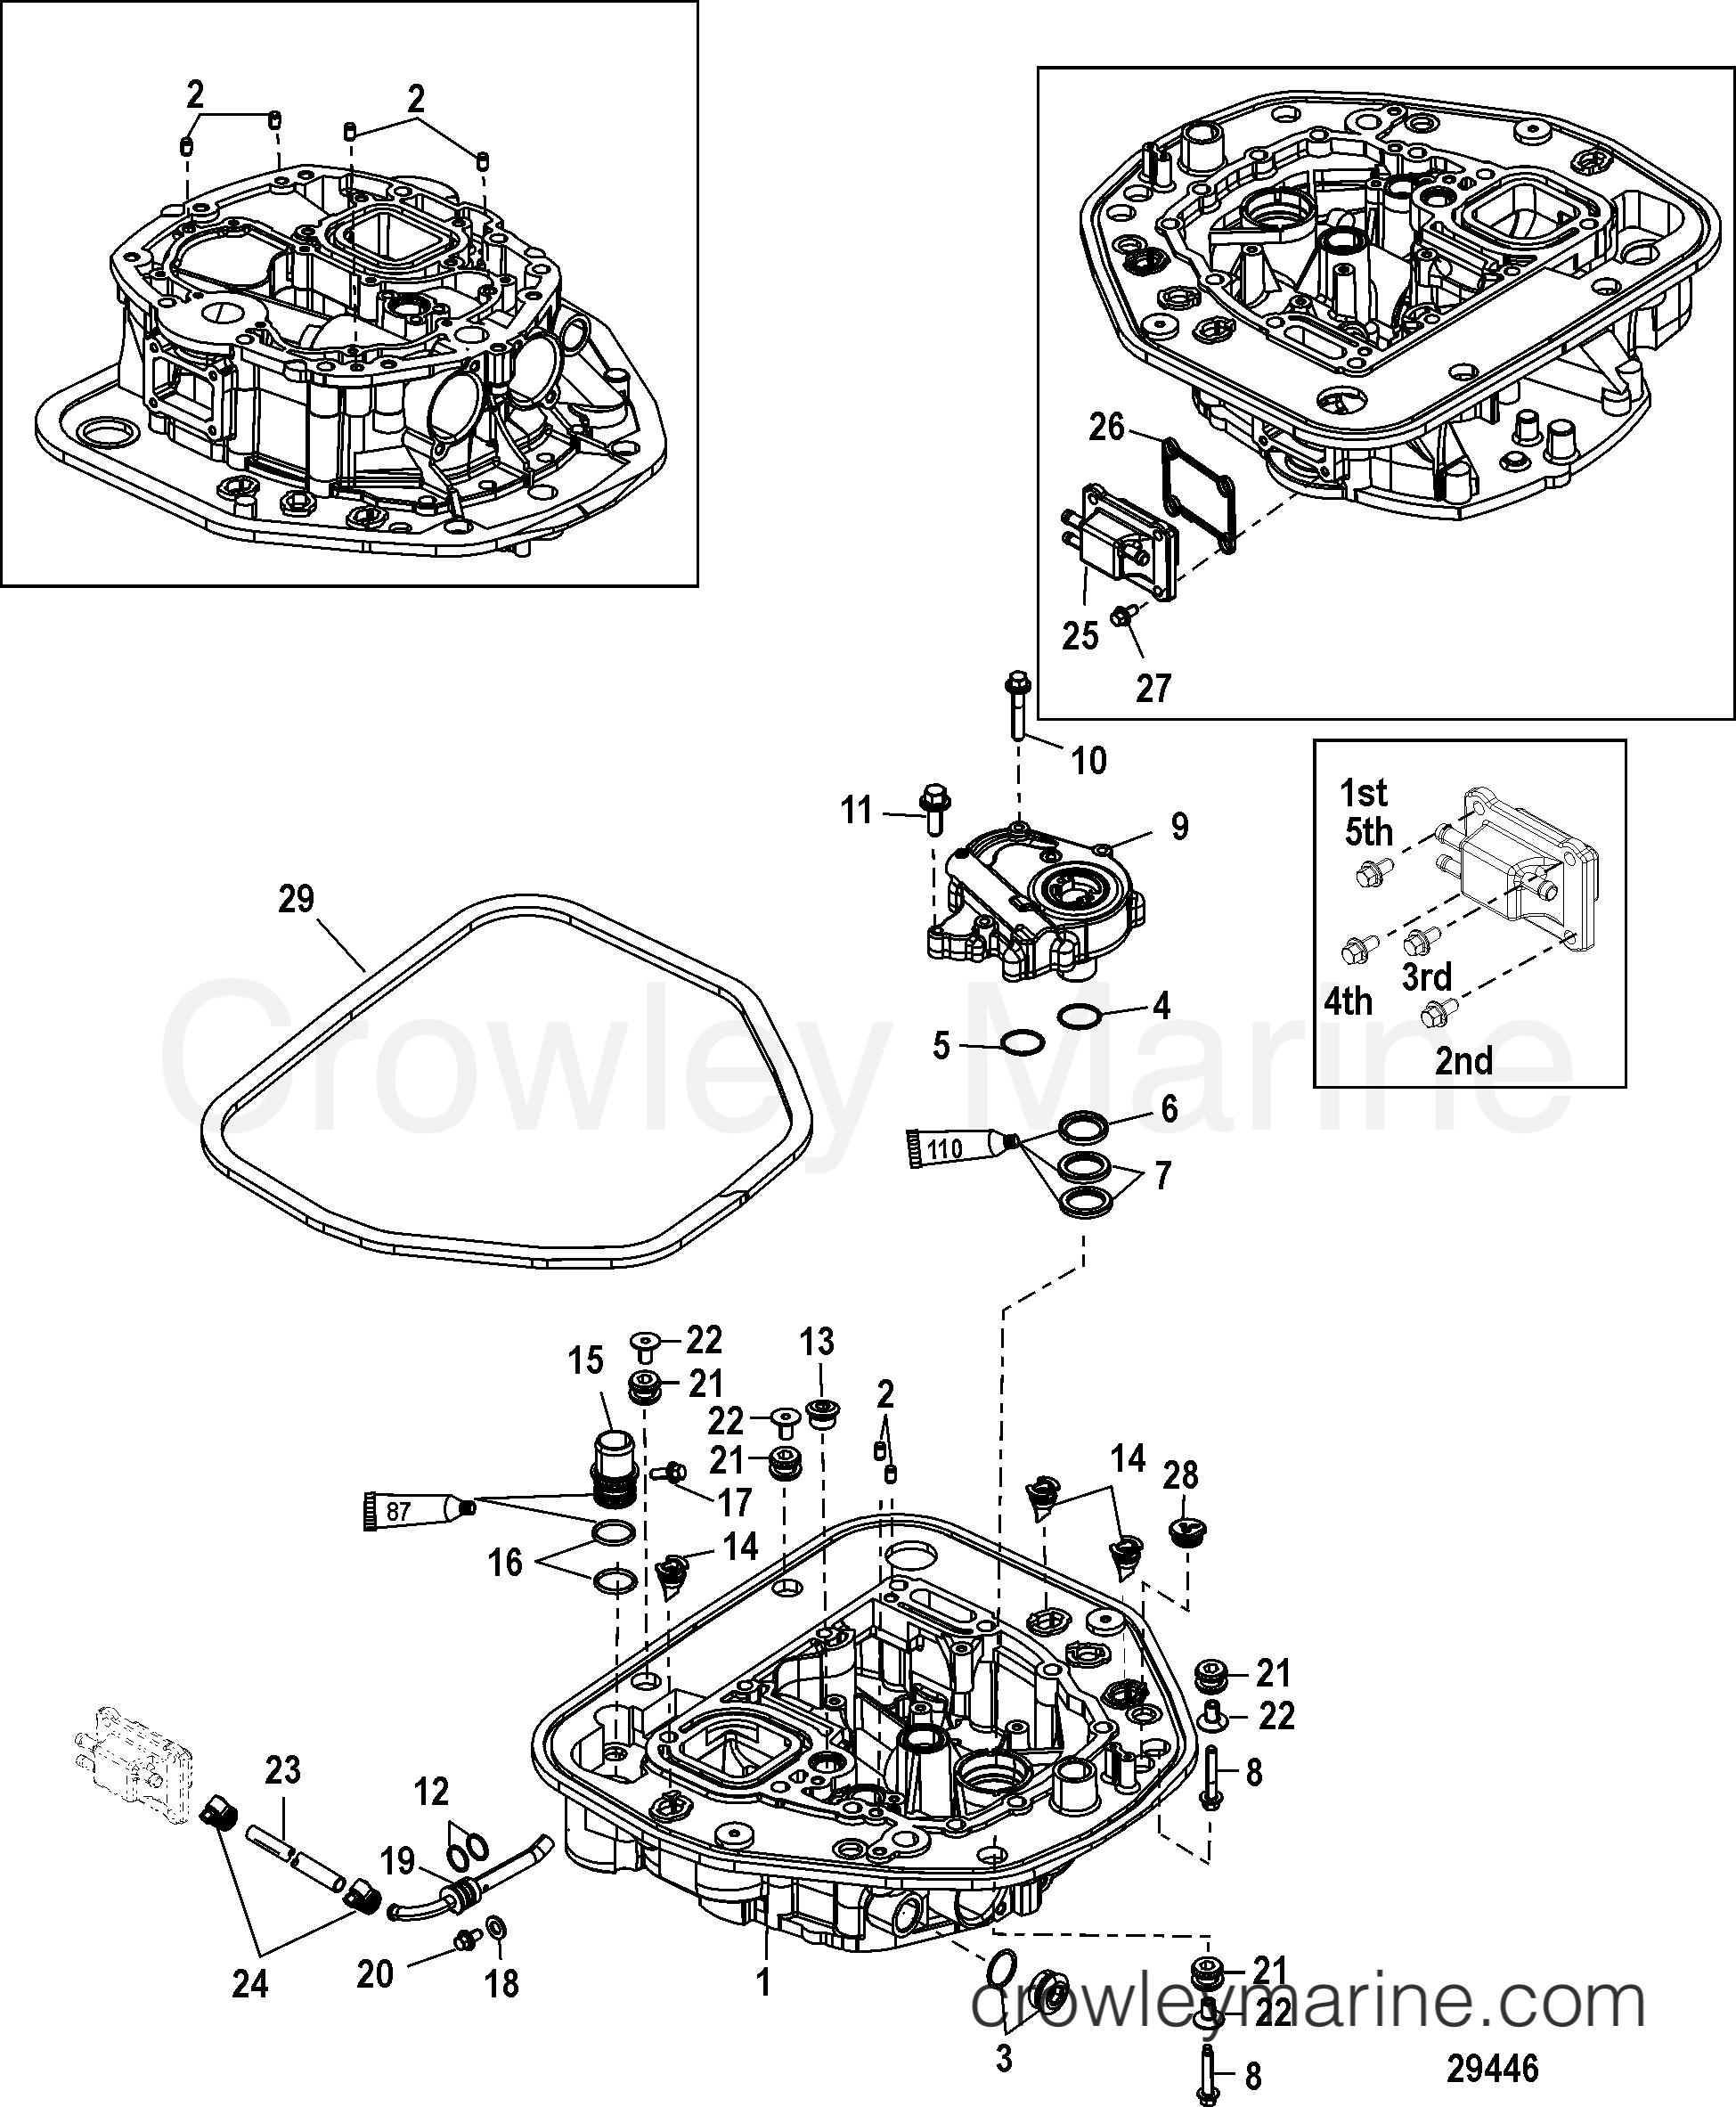 oil pump  adaptor plate-upper